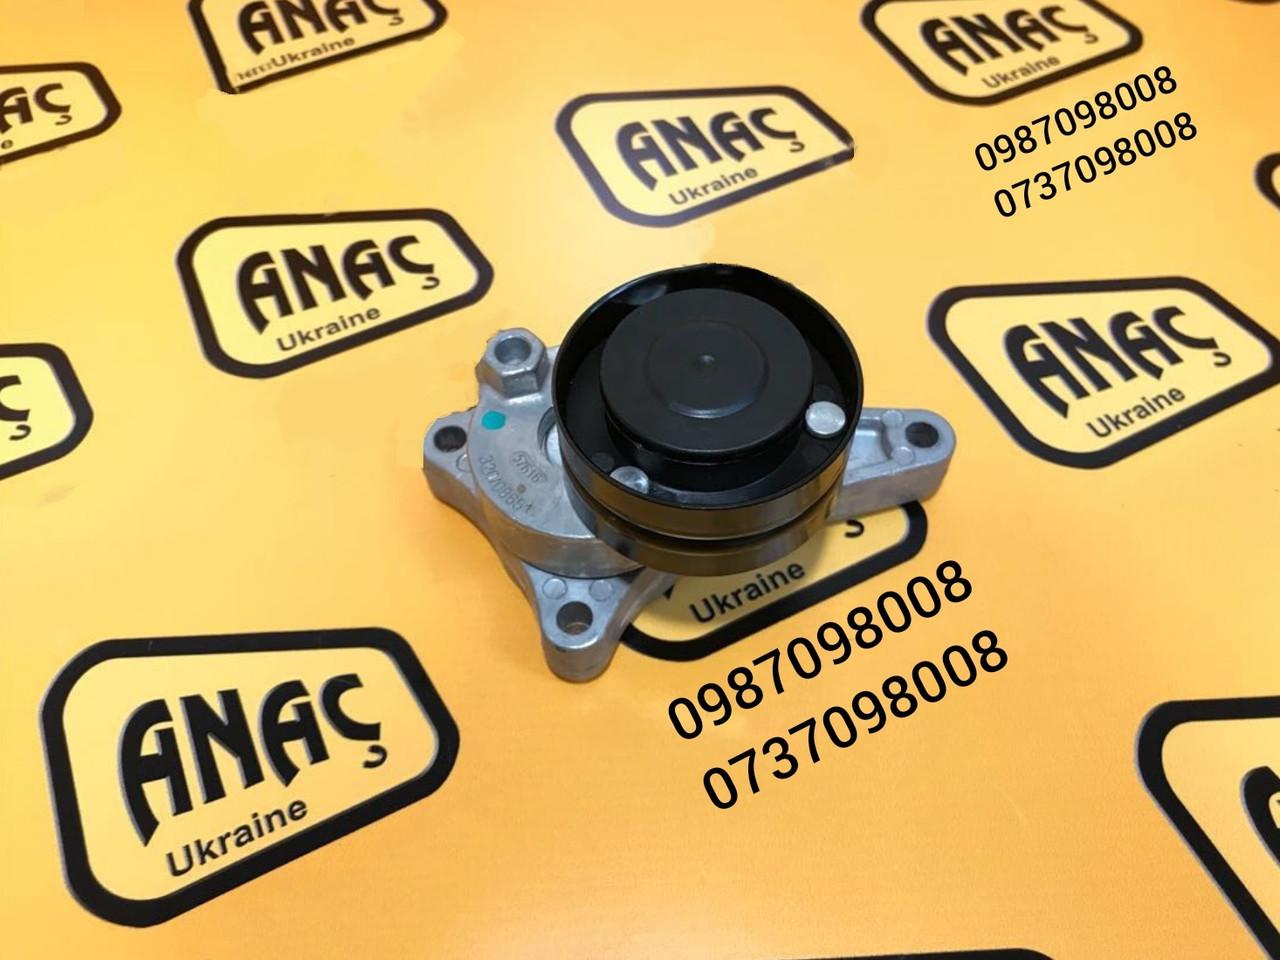 Ролик натяжной для двигателя на JCB 3CX, 4CX номер : 320/08584, 320/08651, 320/08759, 320/08657, 320/A8538